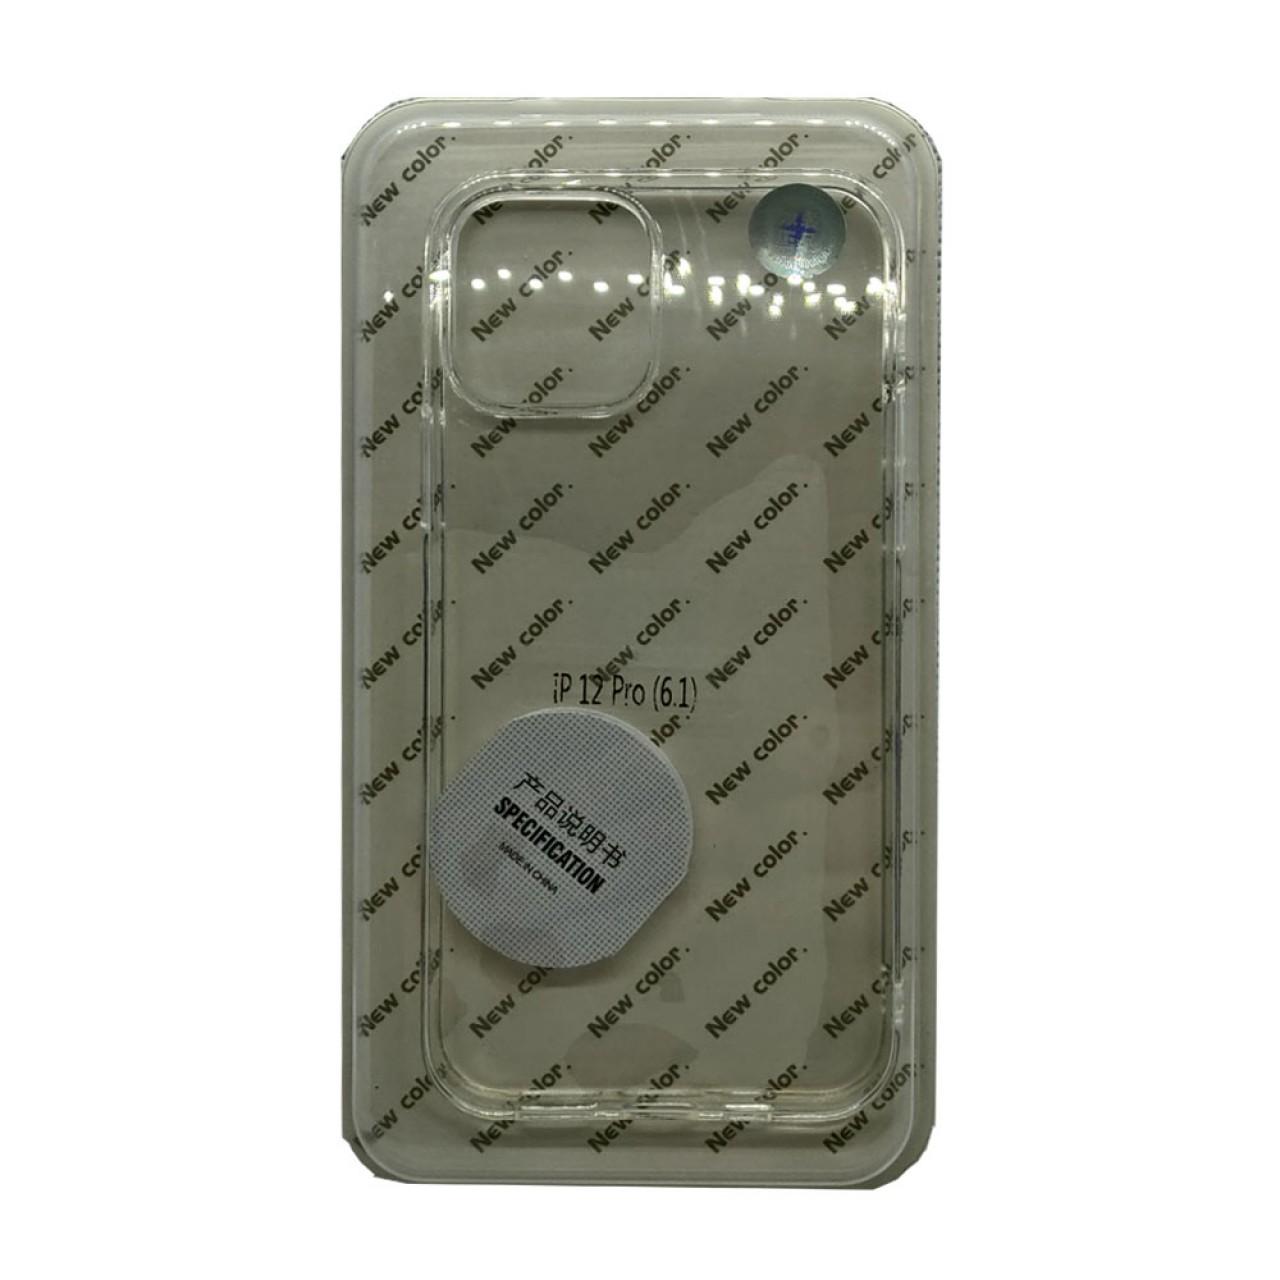 ΘΗΚΗ ΠΡΟΣΤΑΣΙΑΣ ΣΙΛΙΚΟΝΗΣ ΓΙΑ iPhone 12 / 12 Pro - BACK COVER SILICON CASE - NEW COLOR